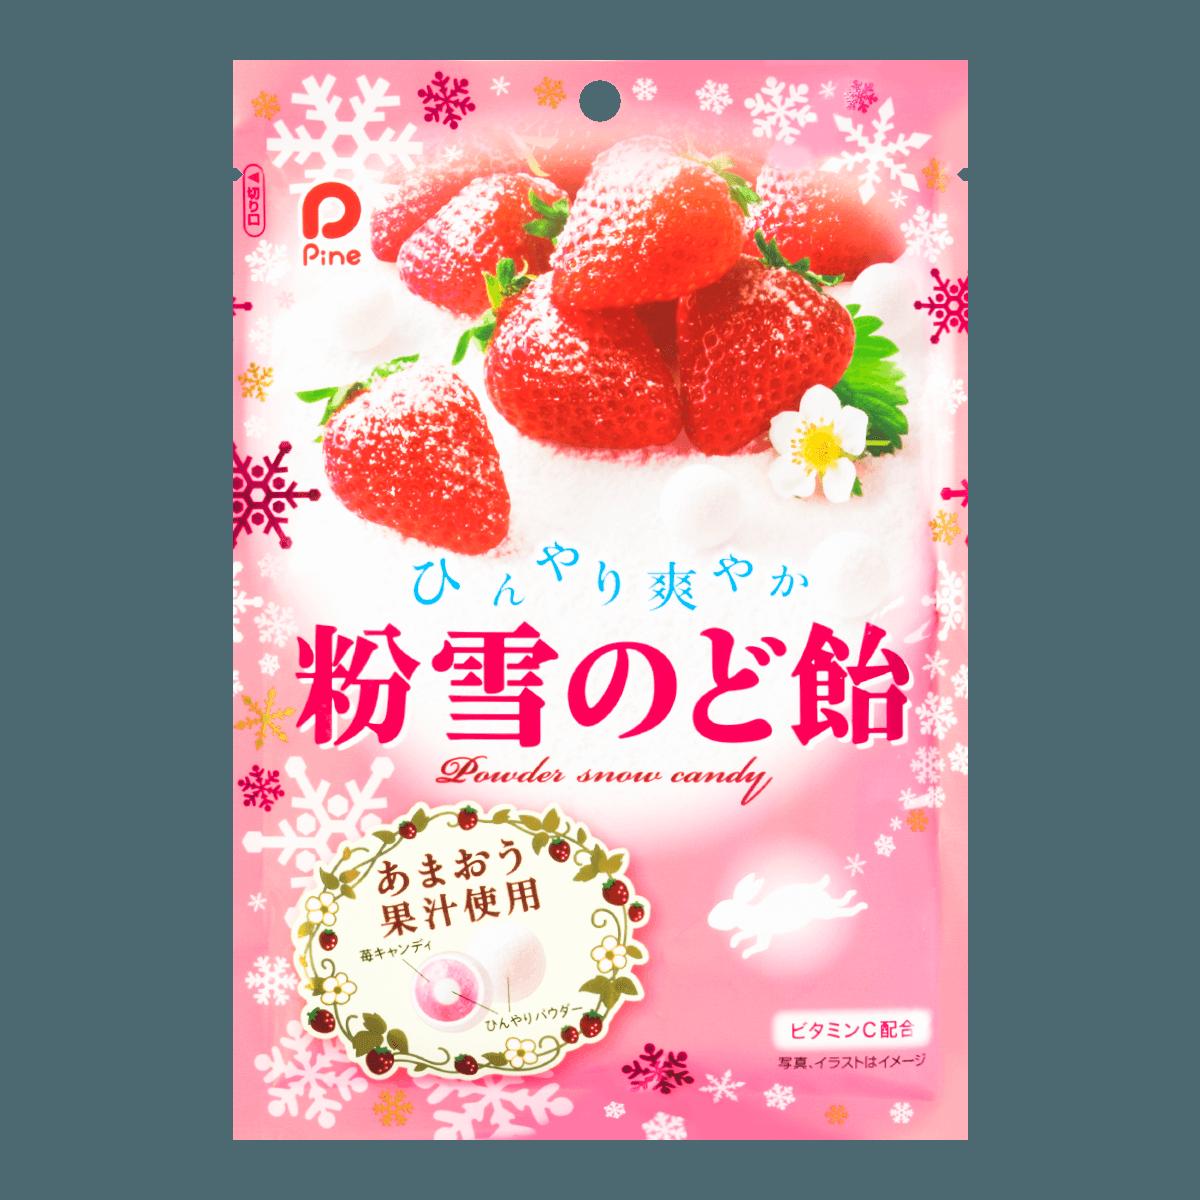 日本PINE 草莓润喉糖 70g